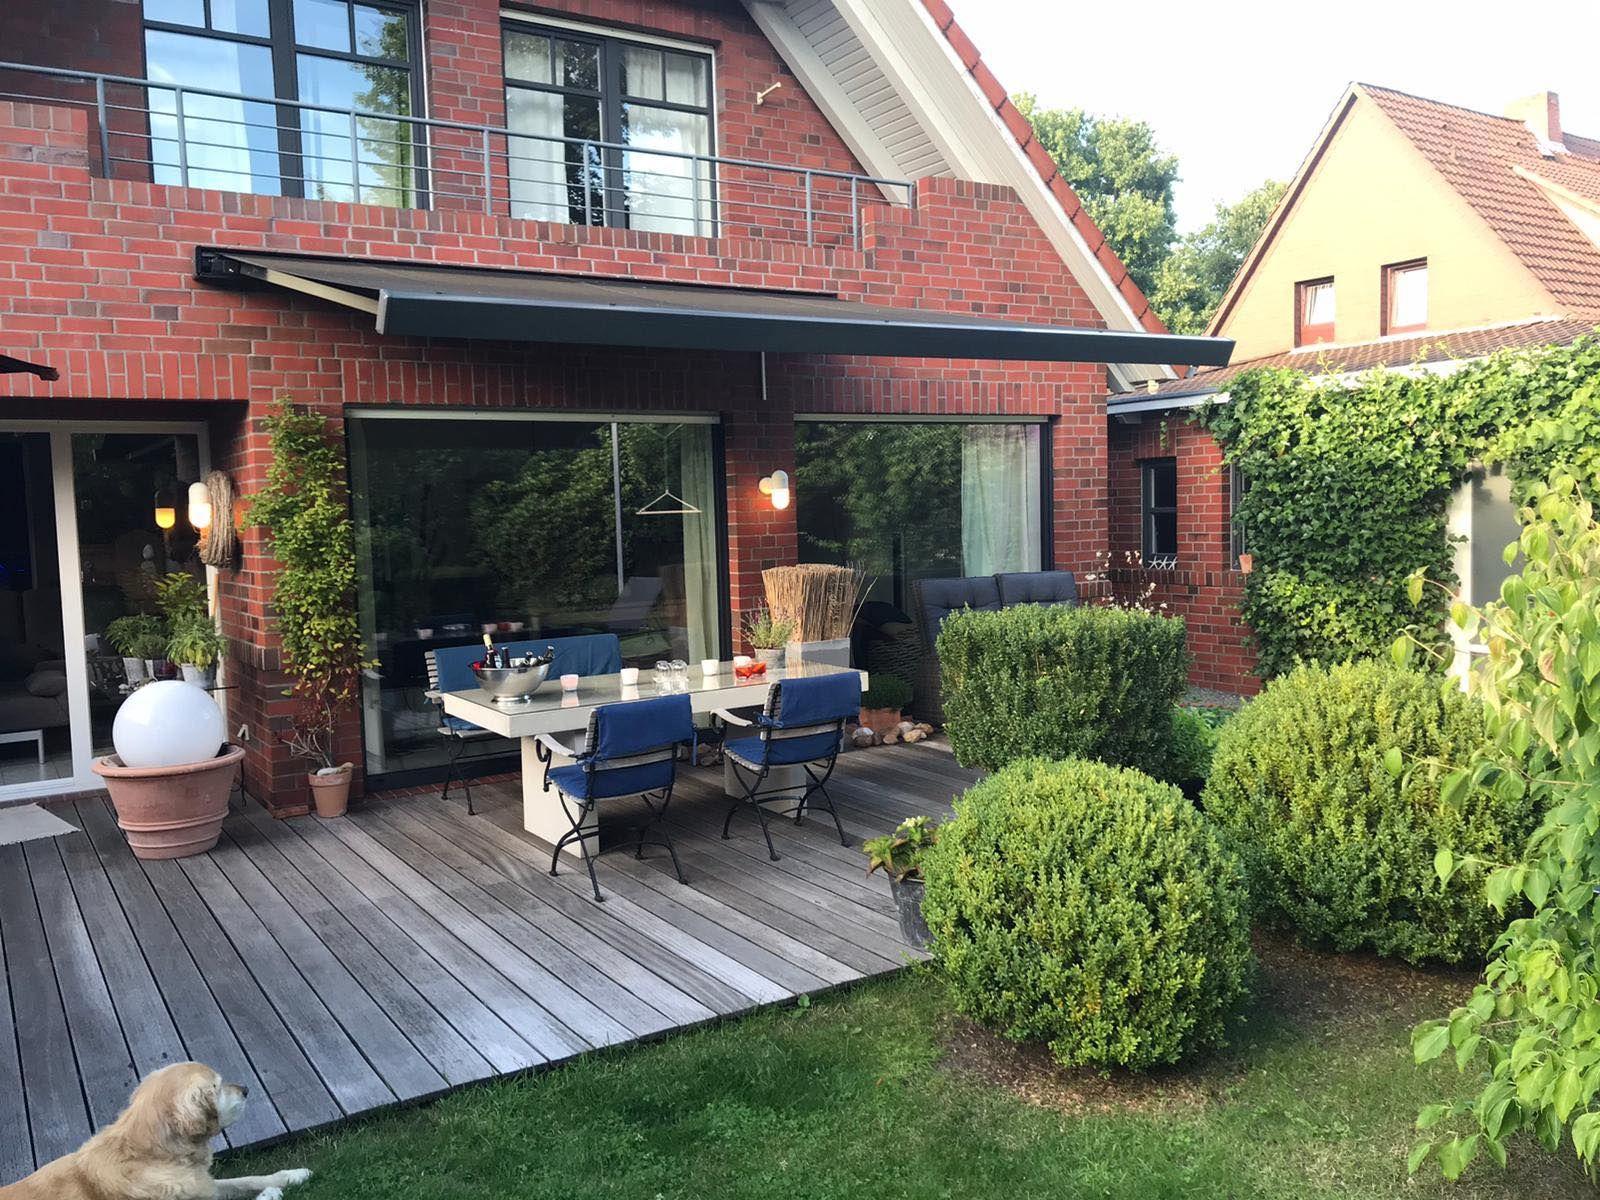 Terrasse Mit Markise Zum Abendessen Glasbau Markise Montieren Markise